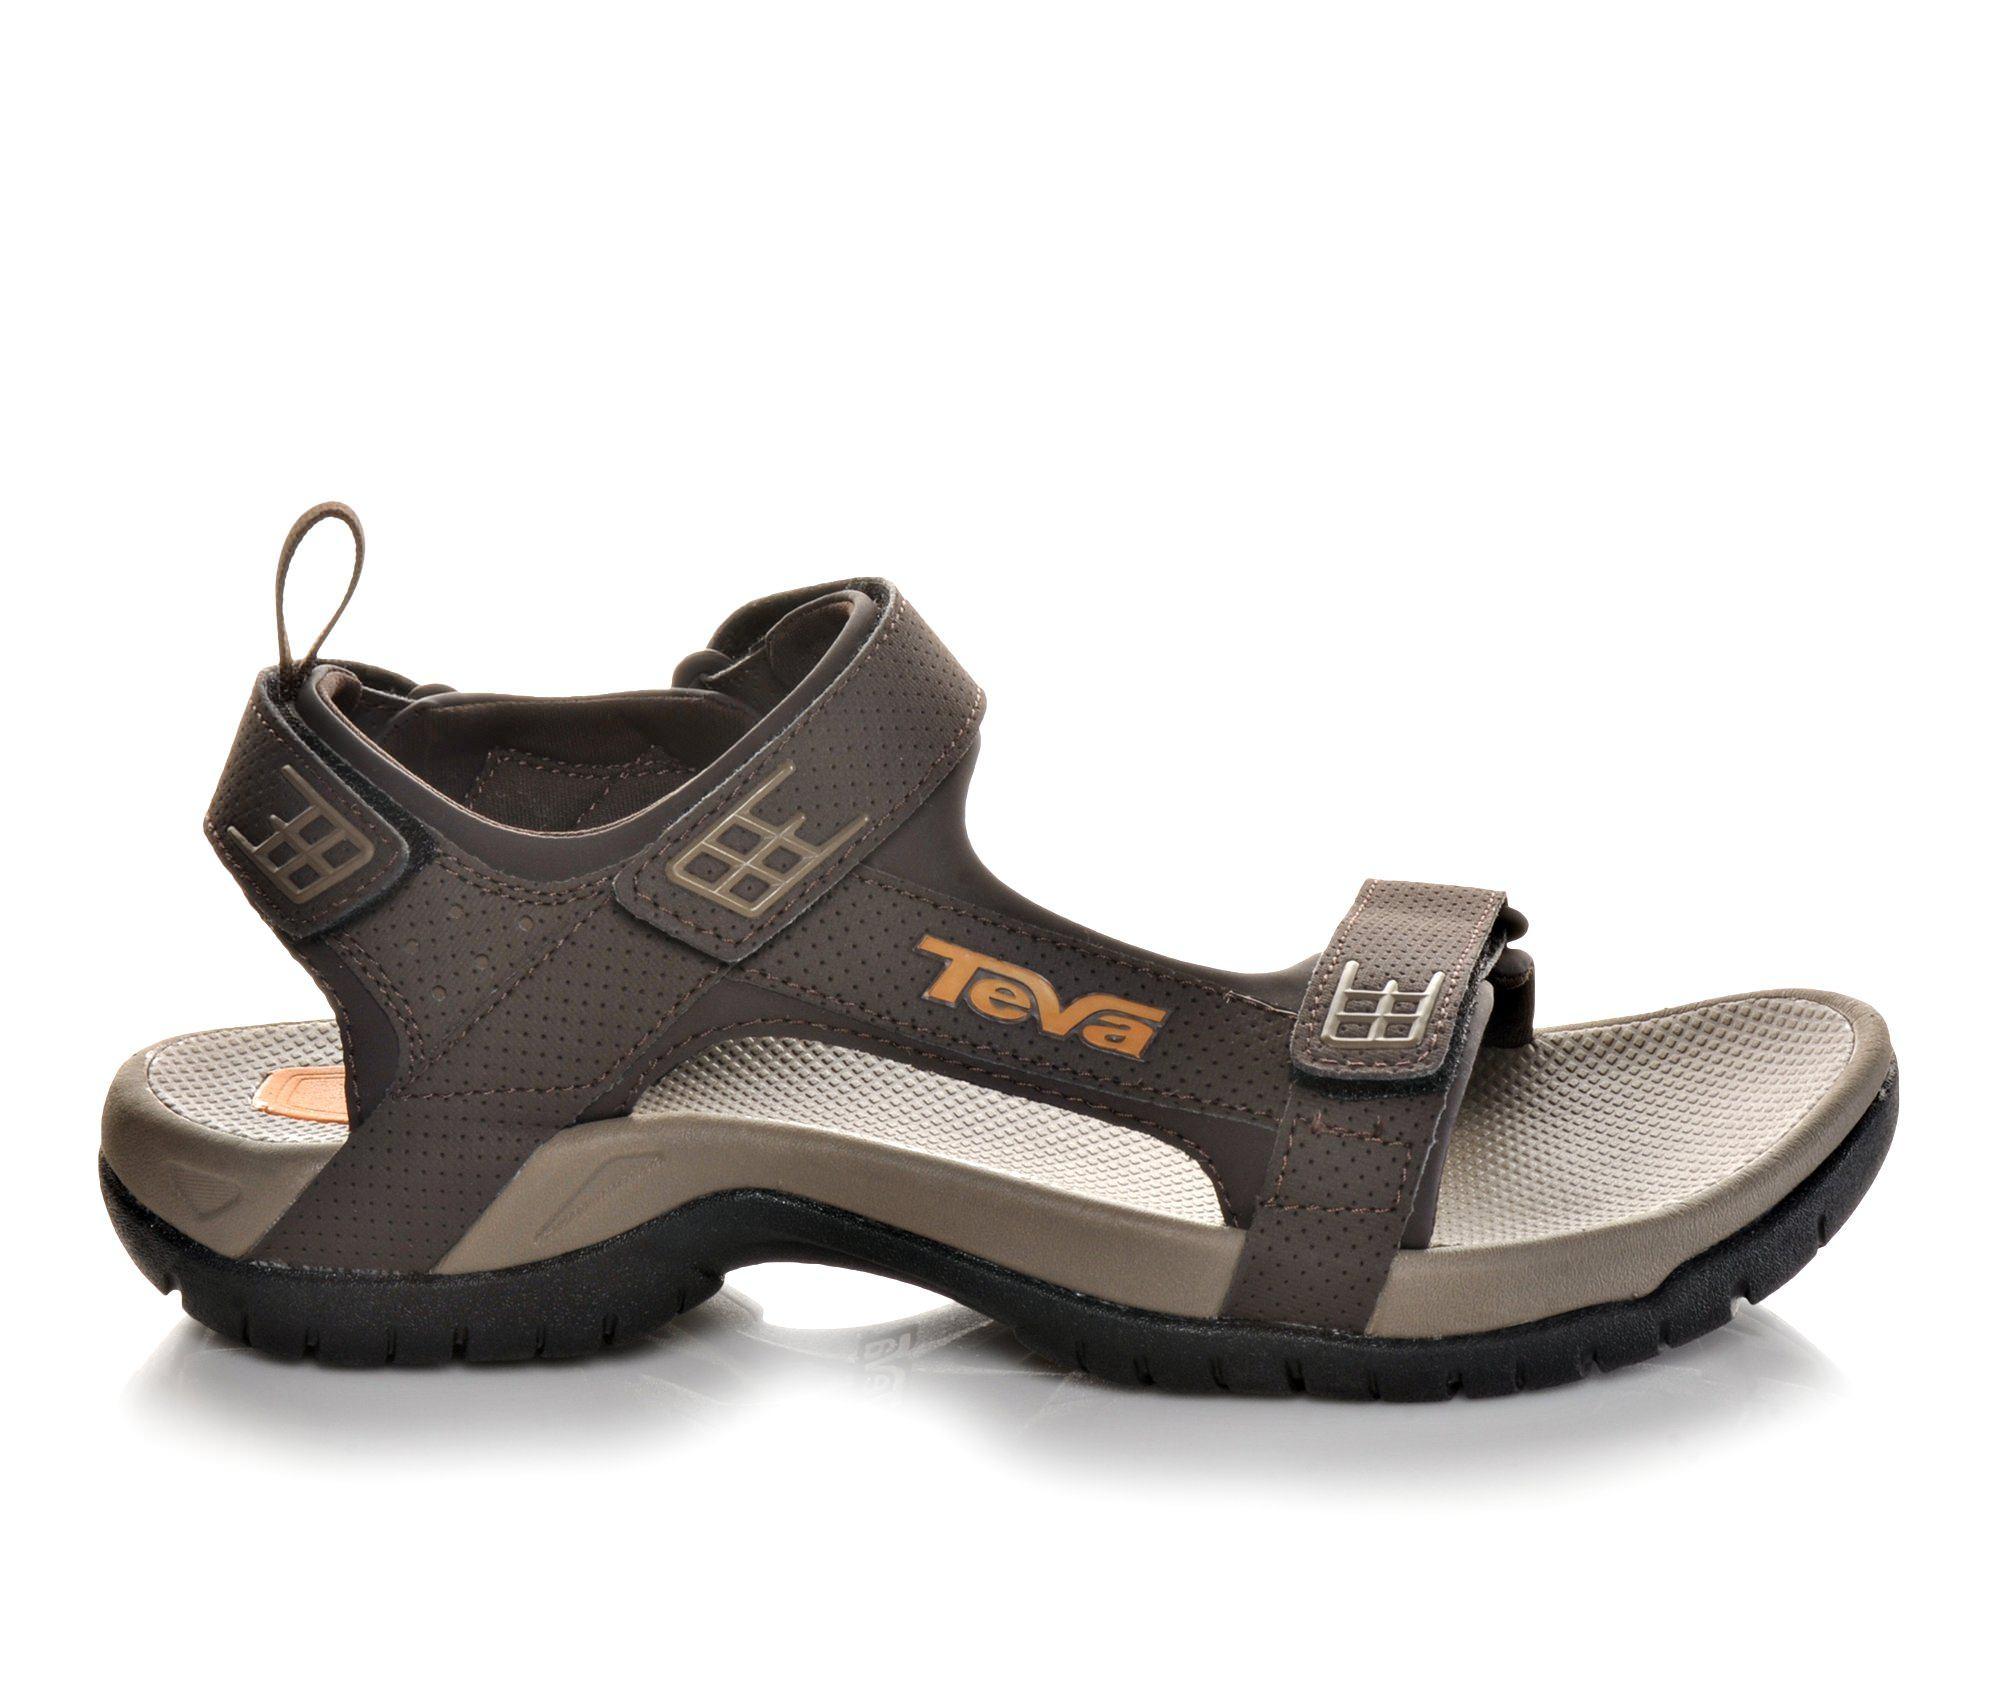 Men's Teva Minam Sandals (Brown)